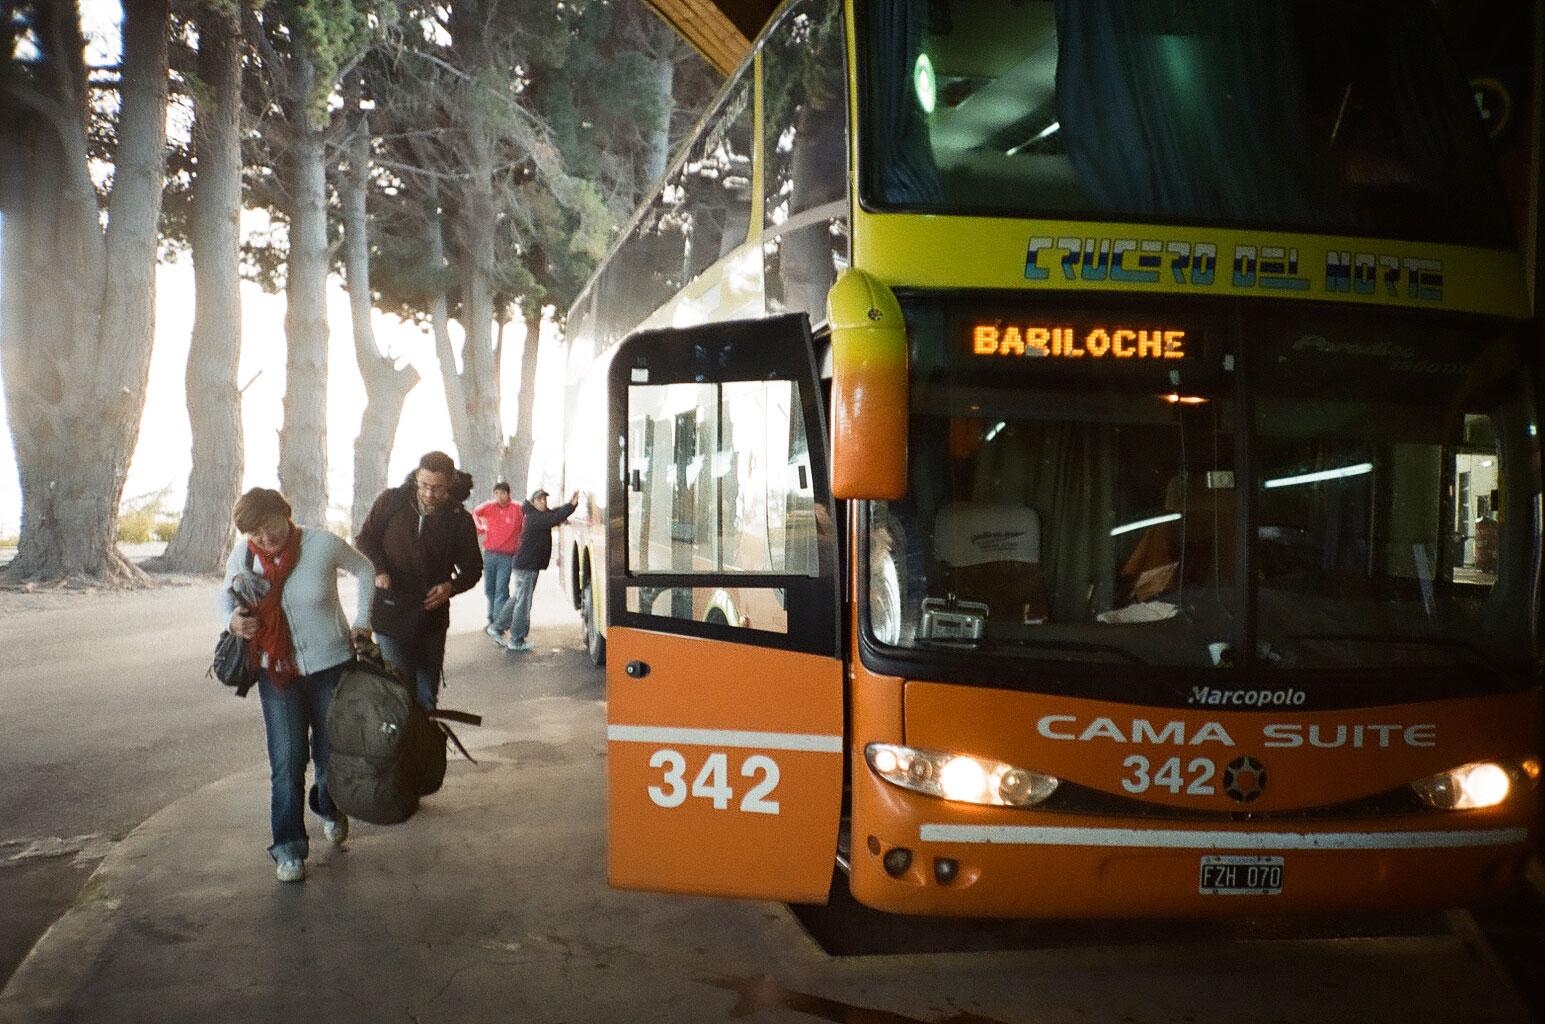 """Mit dem luxuriösen Nachtbus geht es Richtung Südwesten. Morgendliche Ankunft in Bariloche, dem Startpunkt in die """"argentinische Schweiz"""" am nördlichen Ende Patagoniens. Foto: Lothar Ruttner"""